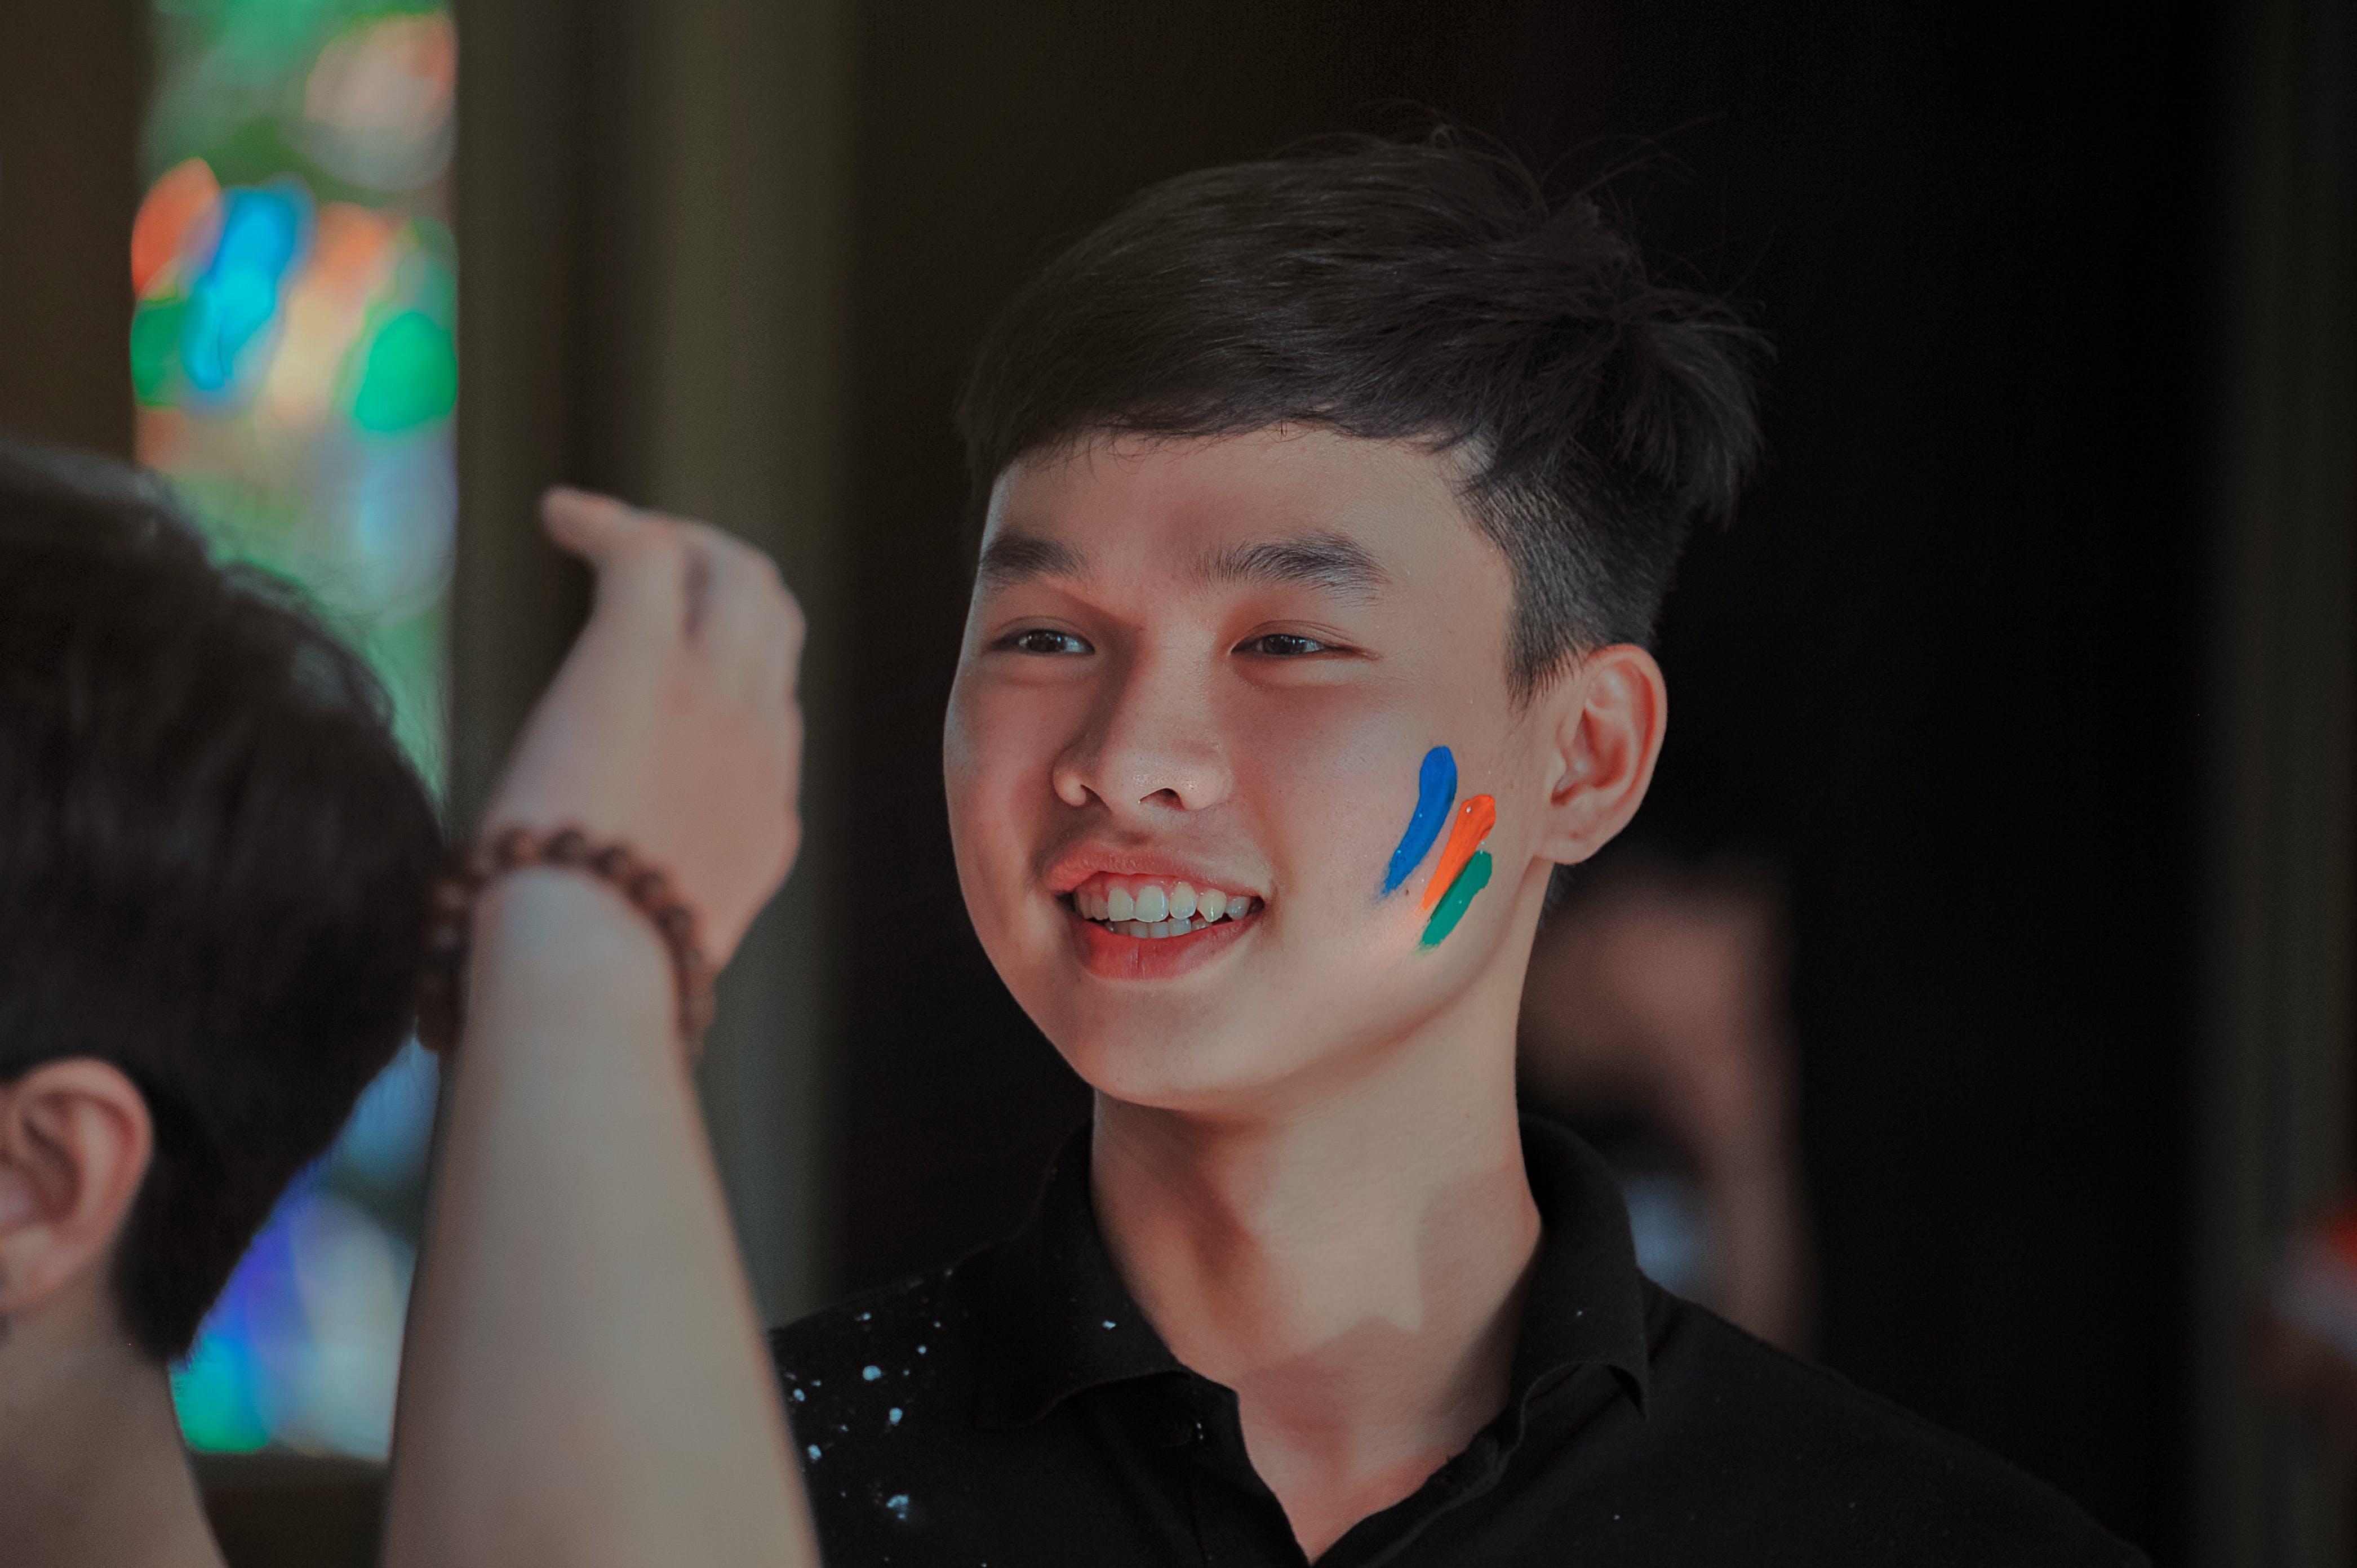 азиат, азиатский мальчик, в помещении